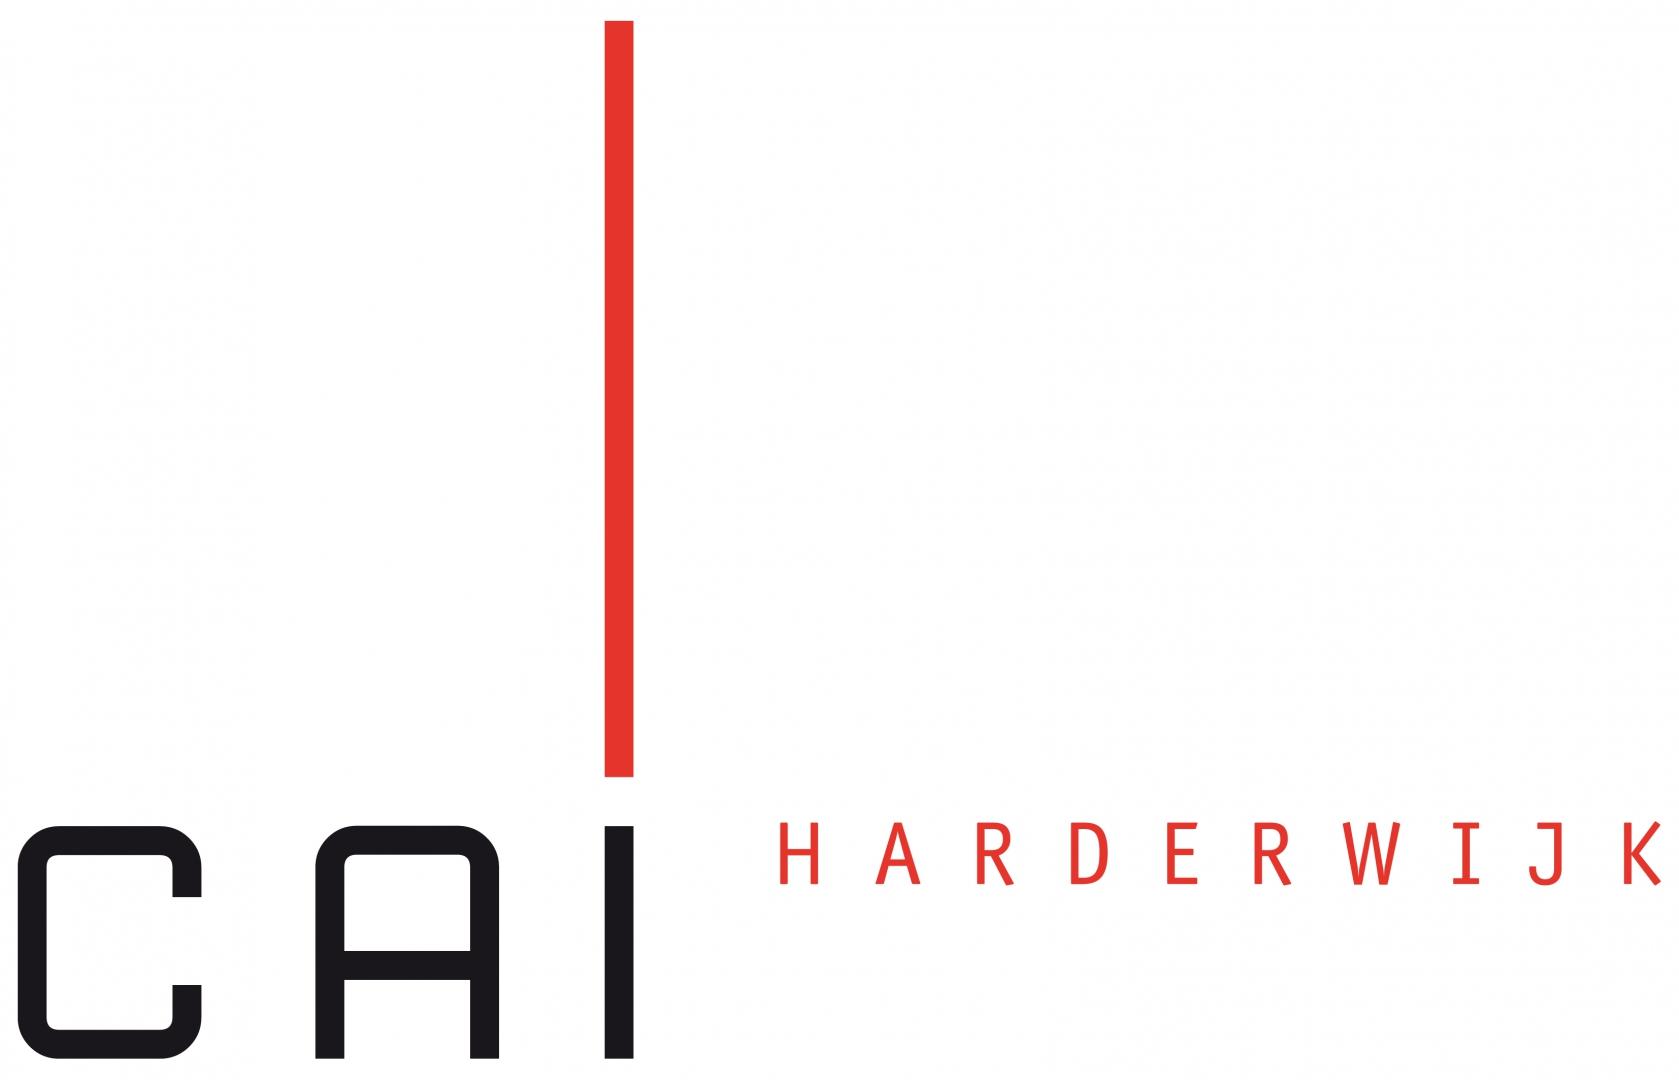 95% van de huishoudens in Harderwijk heeft toegang tot glasvezel